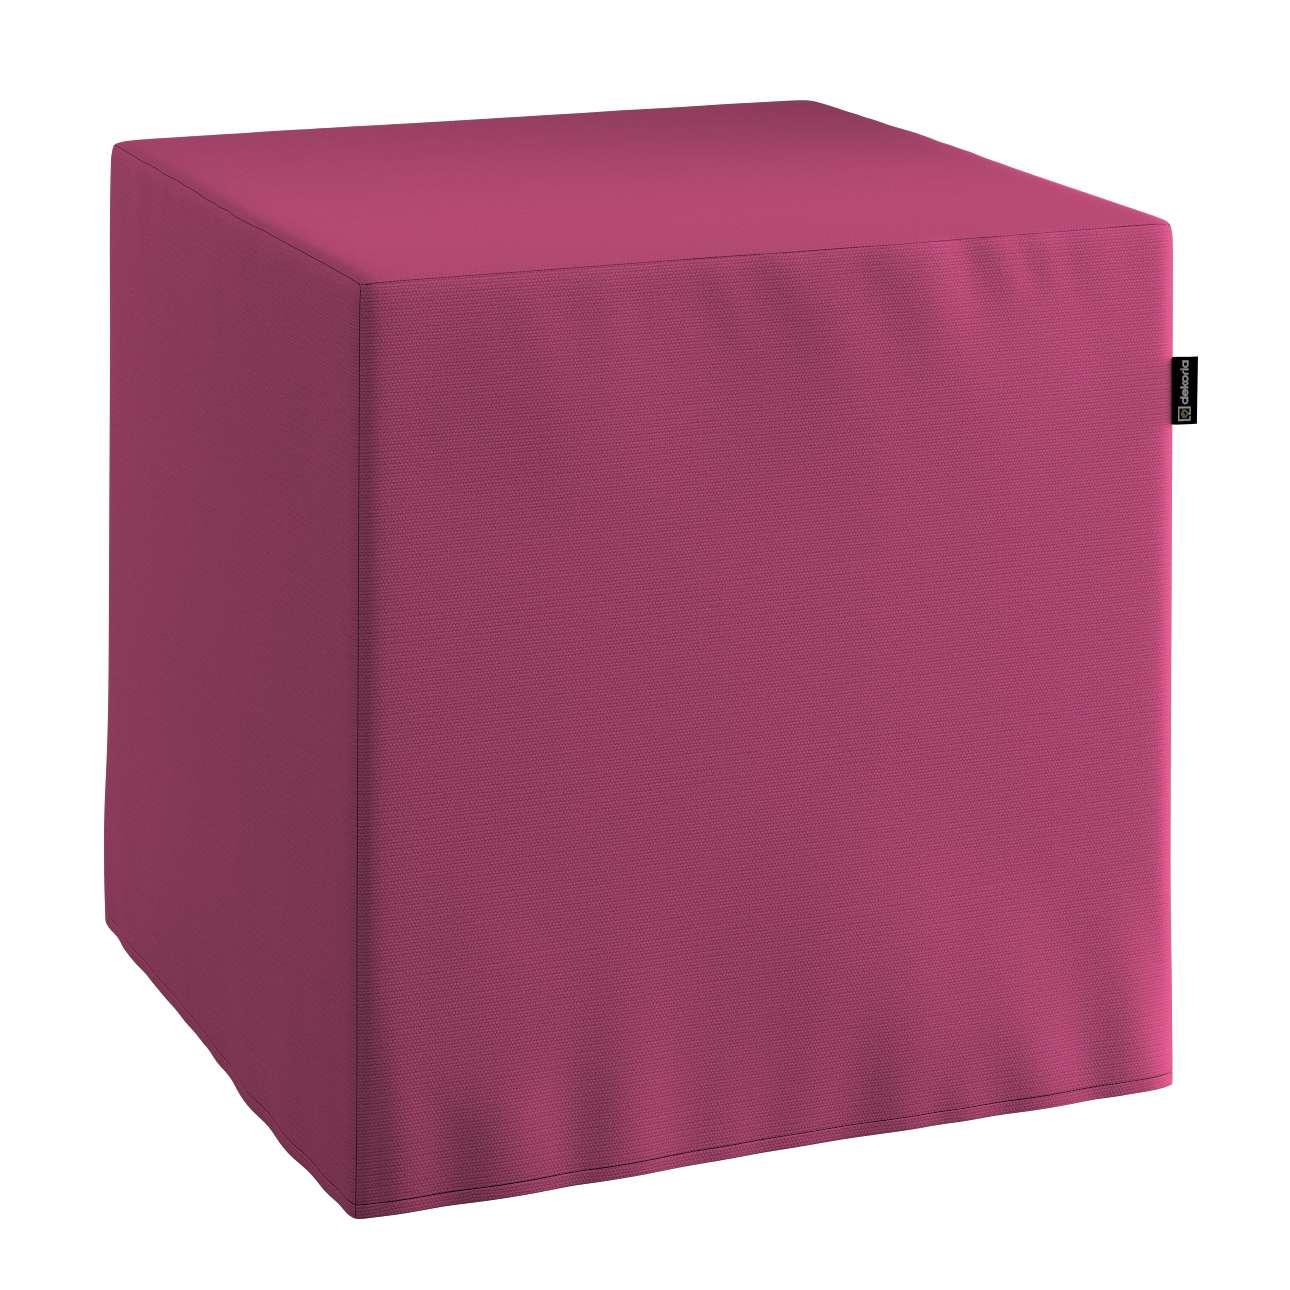 Harter Sitzwürfel 40 x 40 x 40 cm von der Kollektion Cotton Panama, Stoff: 702-32